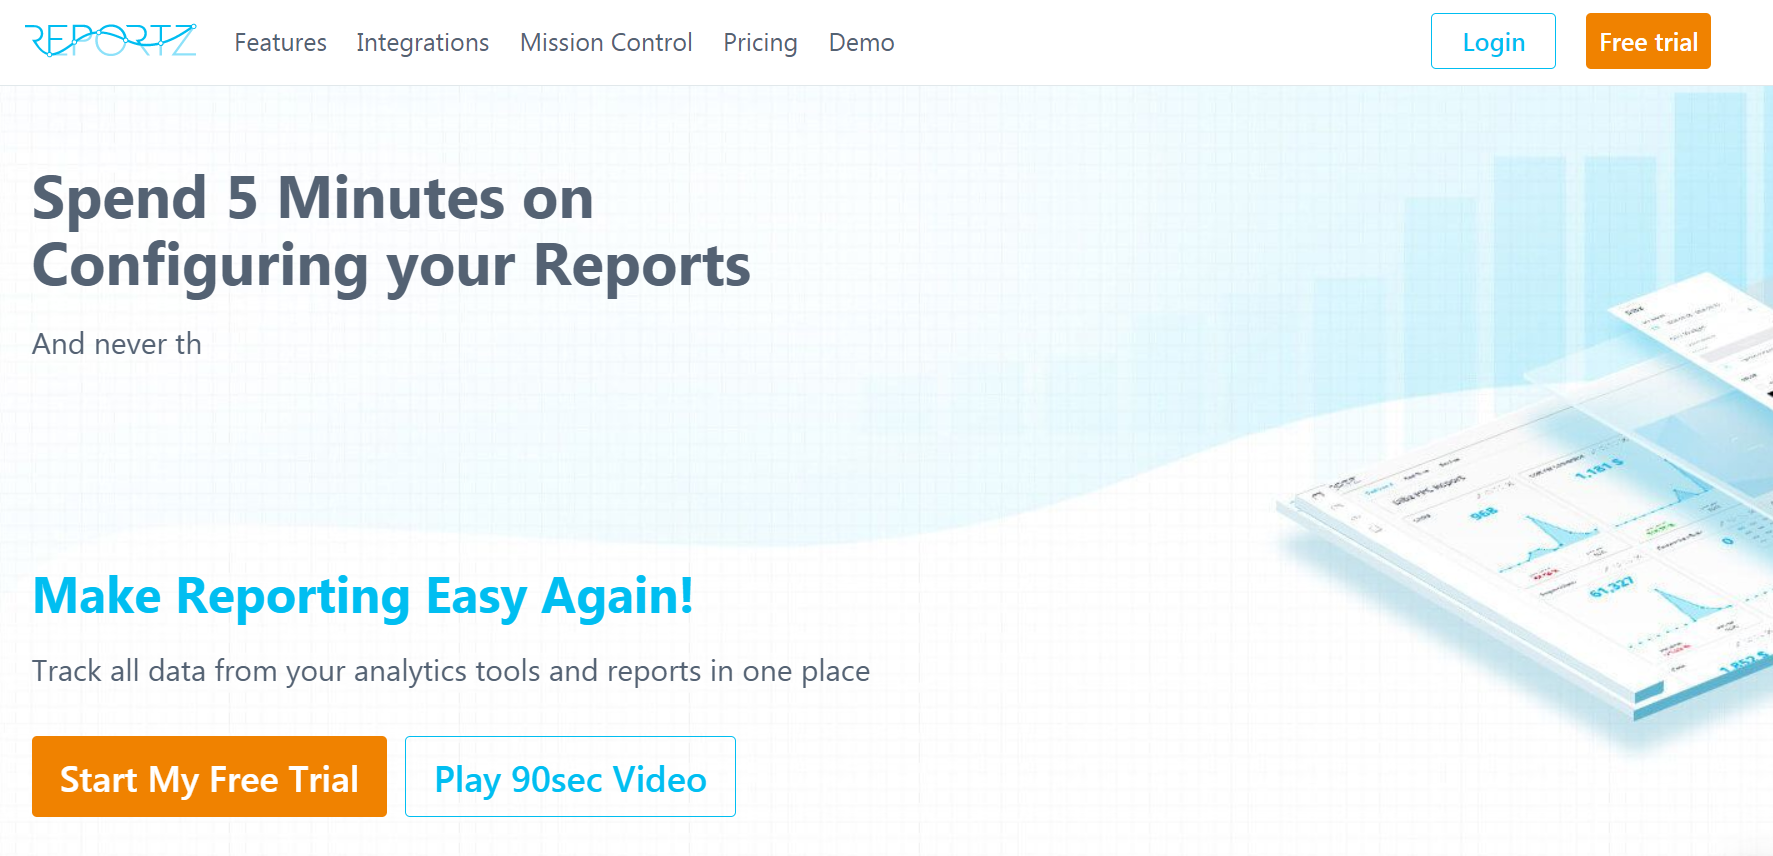 Reportz homepage